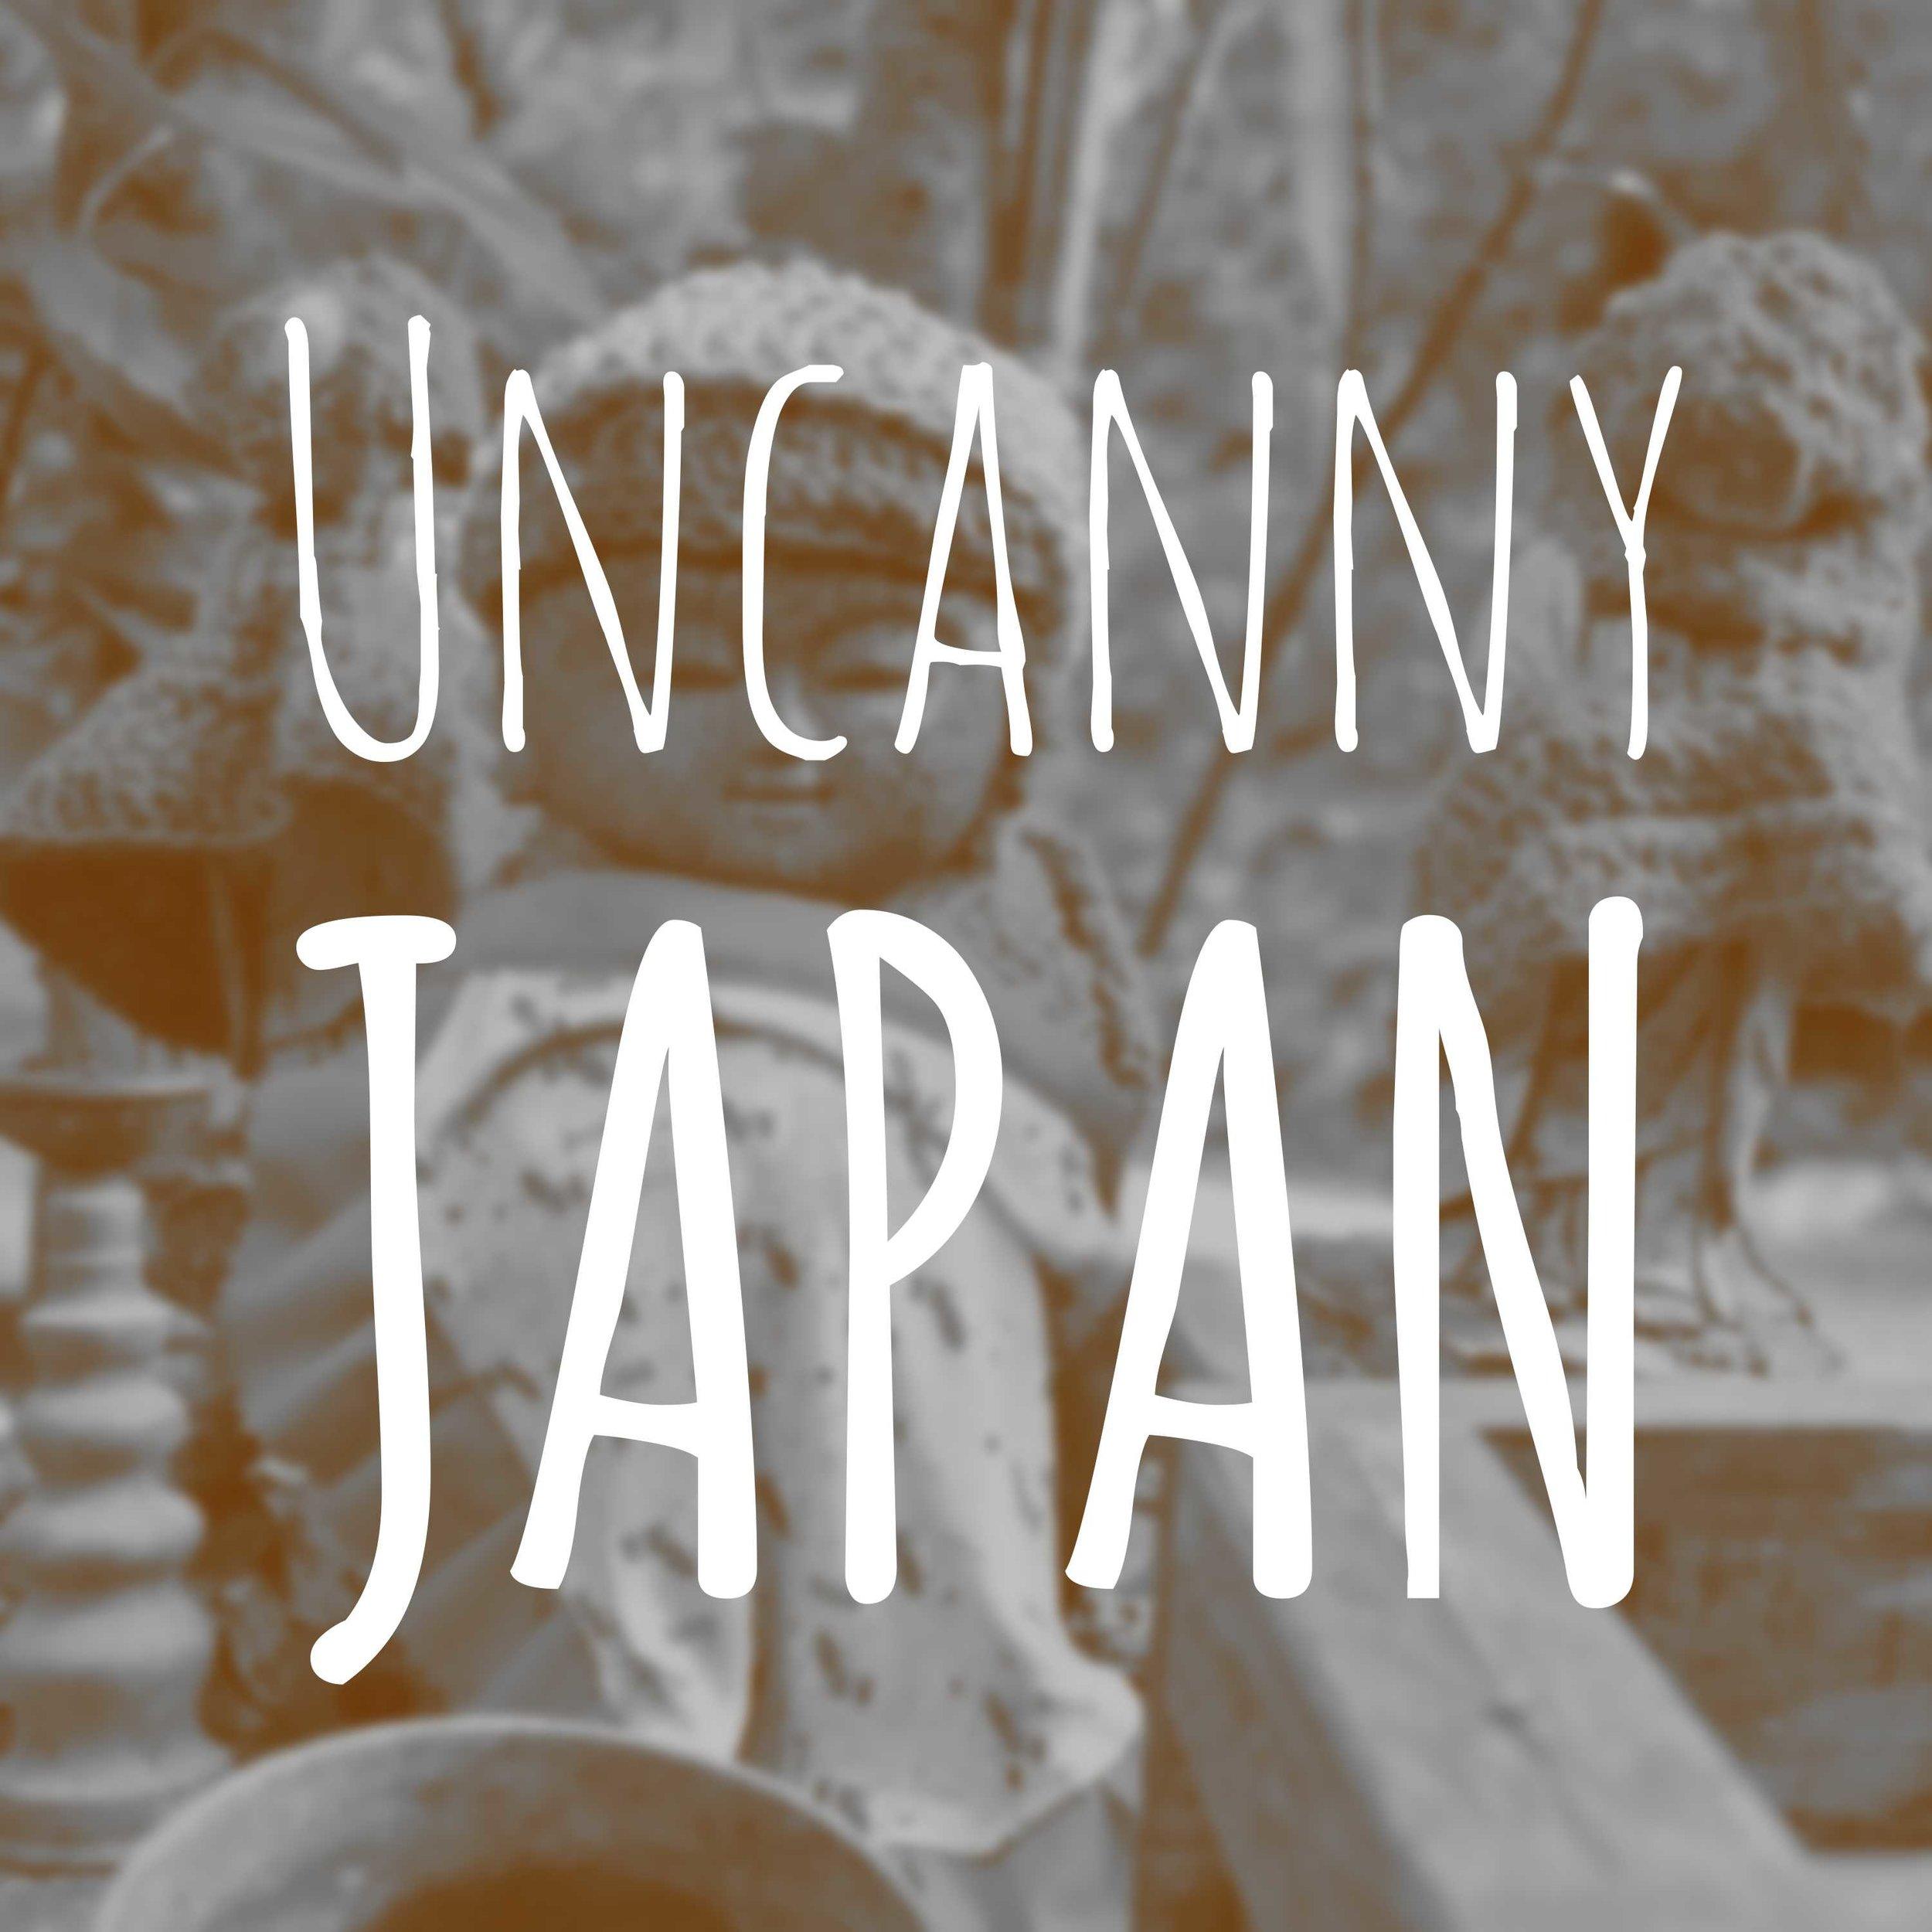 Uncanny-Japan-iTunes-Logo-3000x3000.jpg